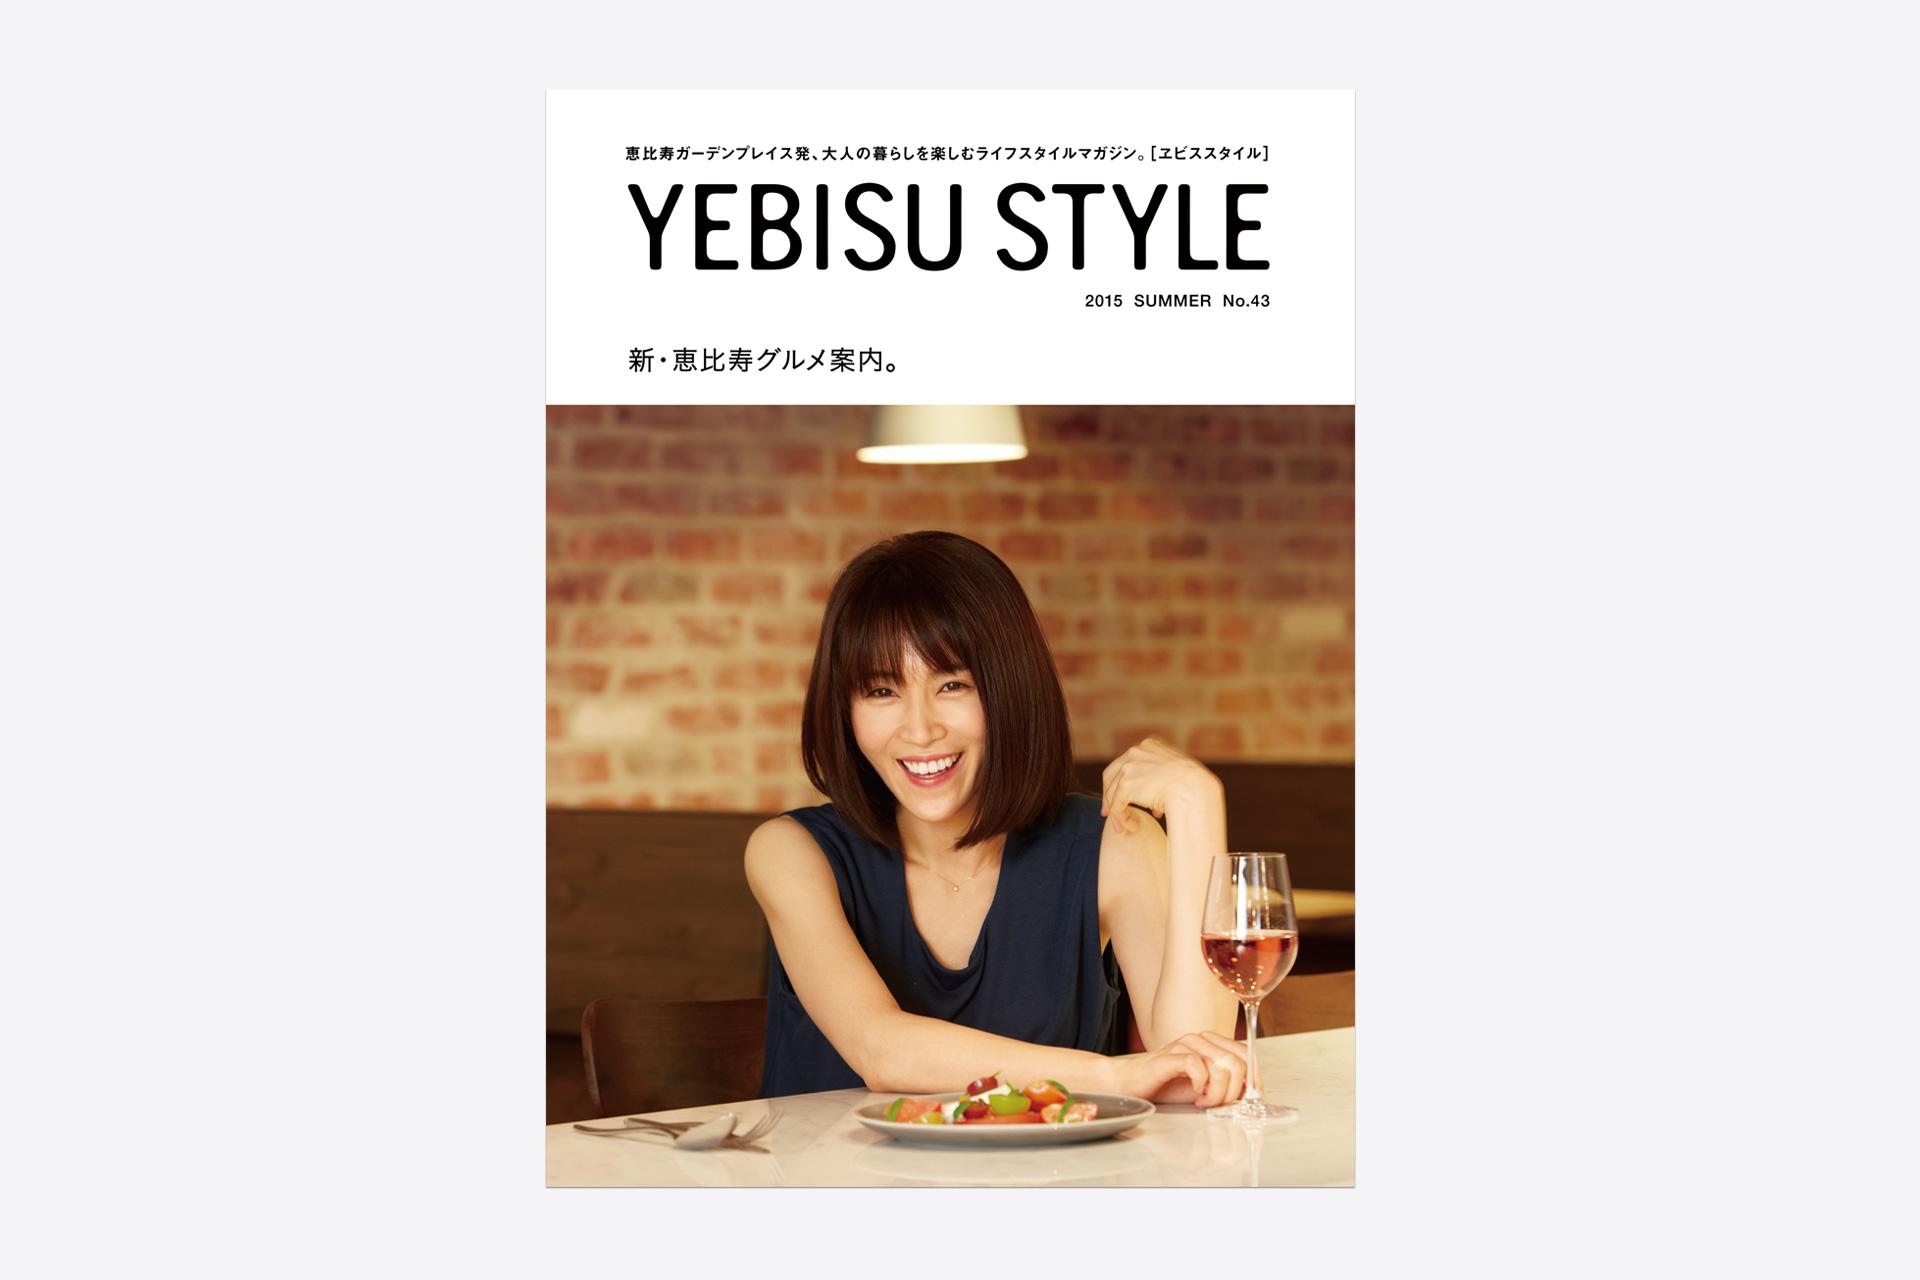 YEBISU STYLE vol.43